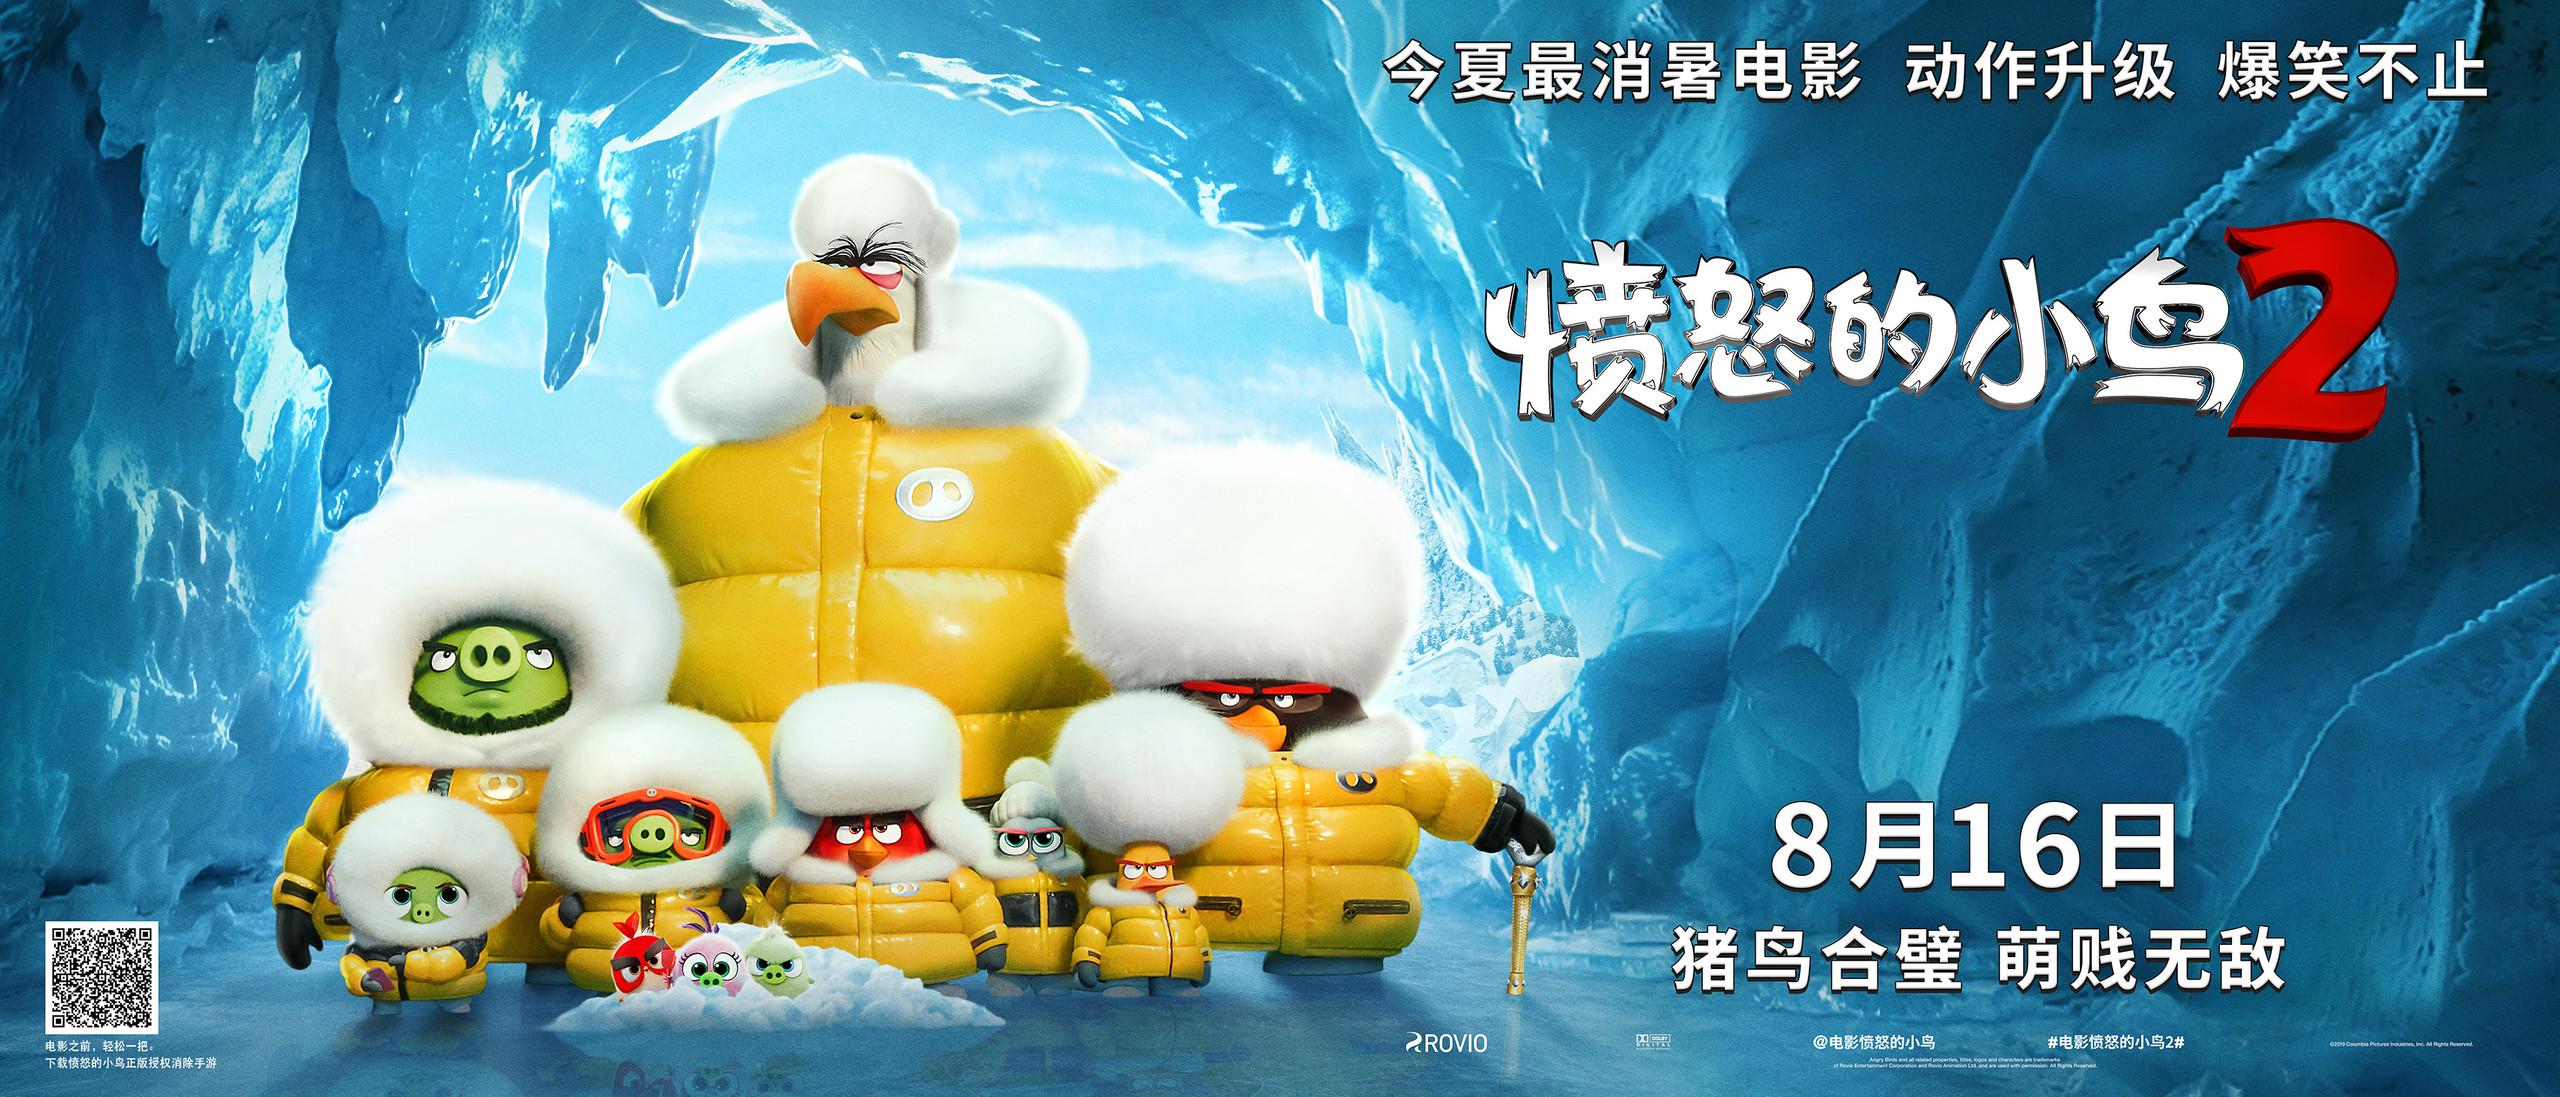 Angry Birds 2 в кино, постер № 21